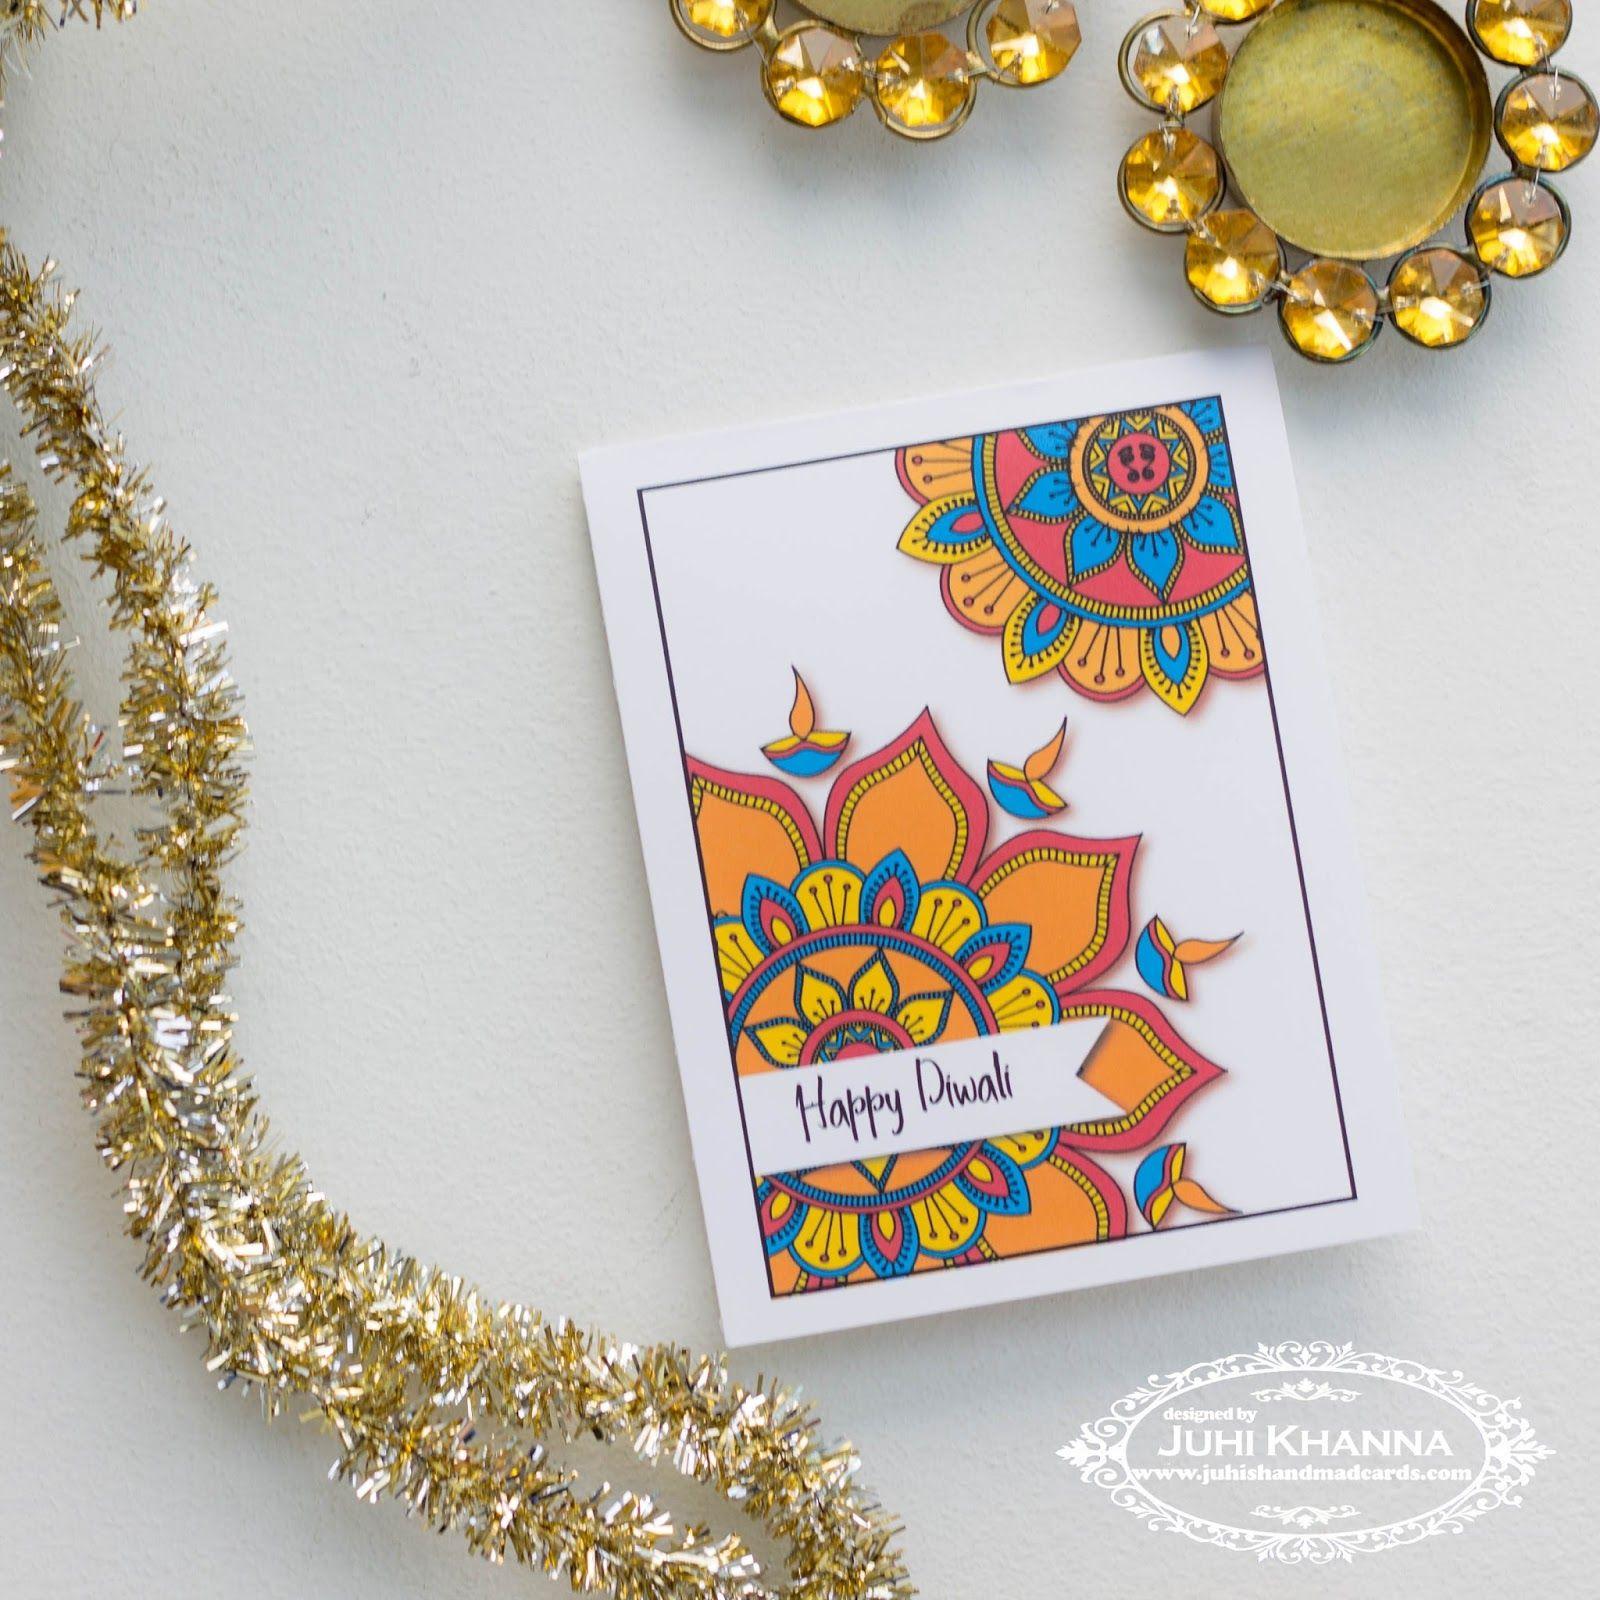 Free Printable Diwali Cards Diwali Pinterest Diwali Cards